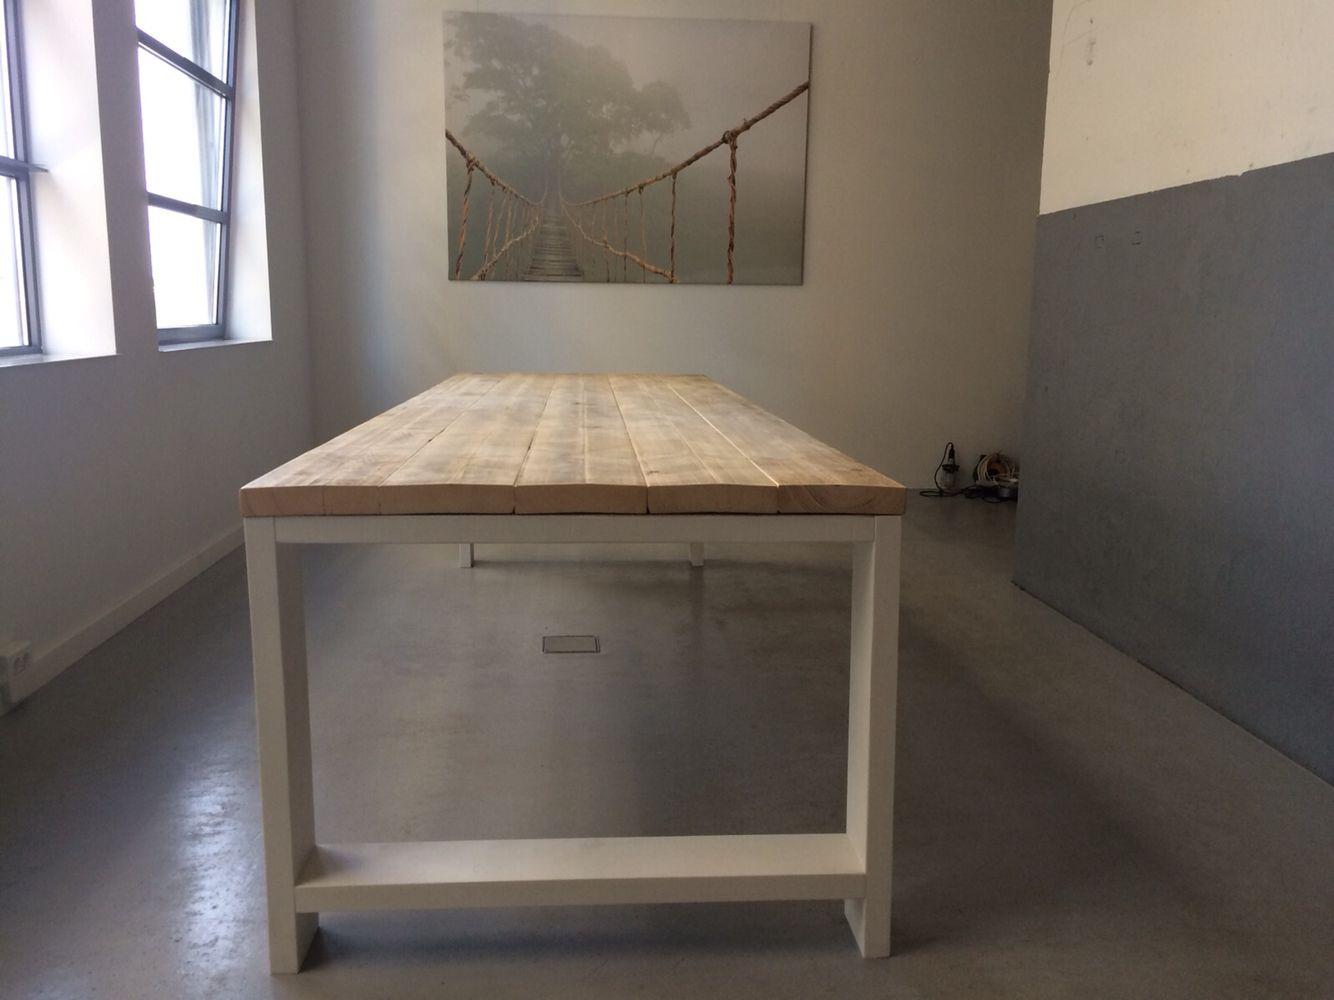 Tafel Harrison met tafelblad van dikke oude steigerplanken ik een industriële ruimte | by Woodville.nl